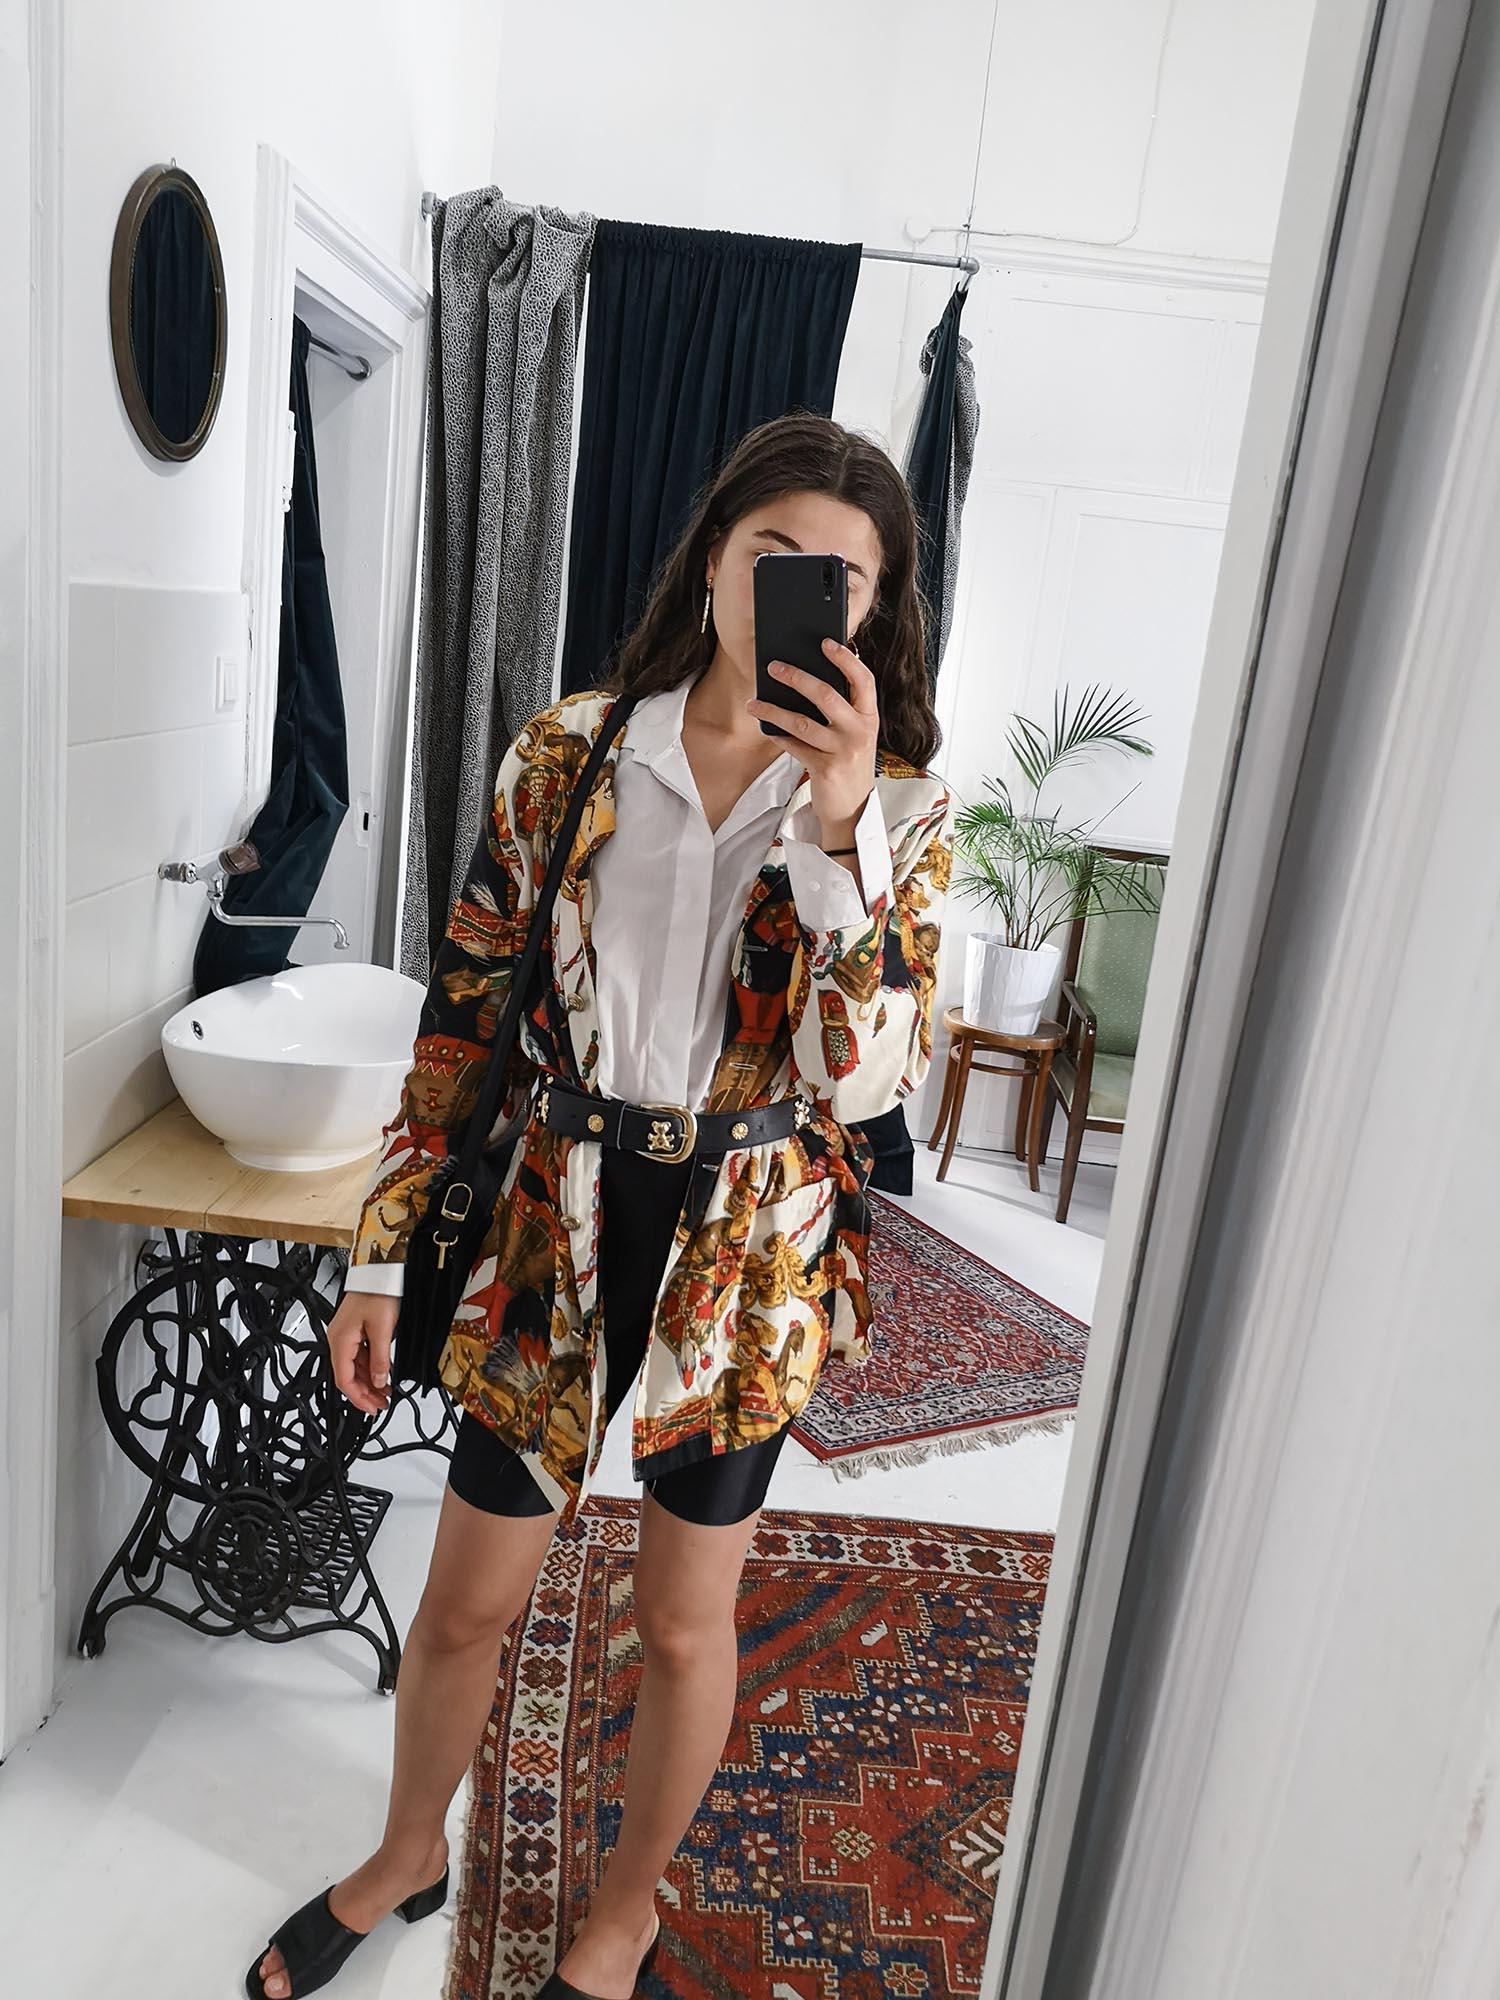 Dianas Office Looks im Juli – Vintage Outfit Inspiration mit Radlerhose und Blazer